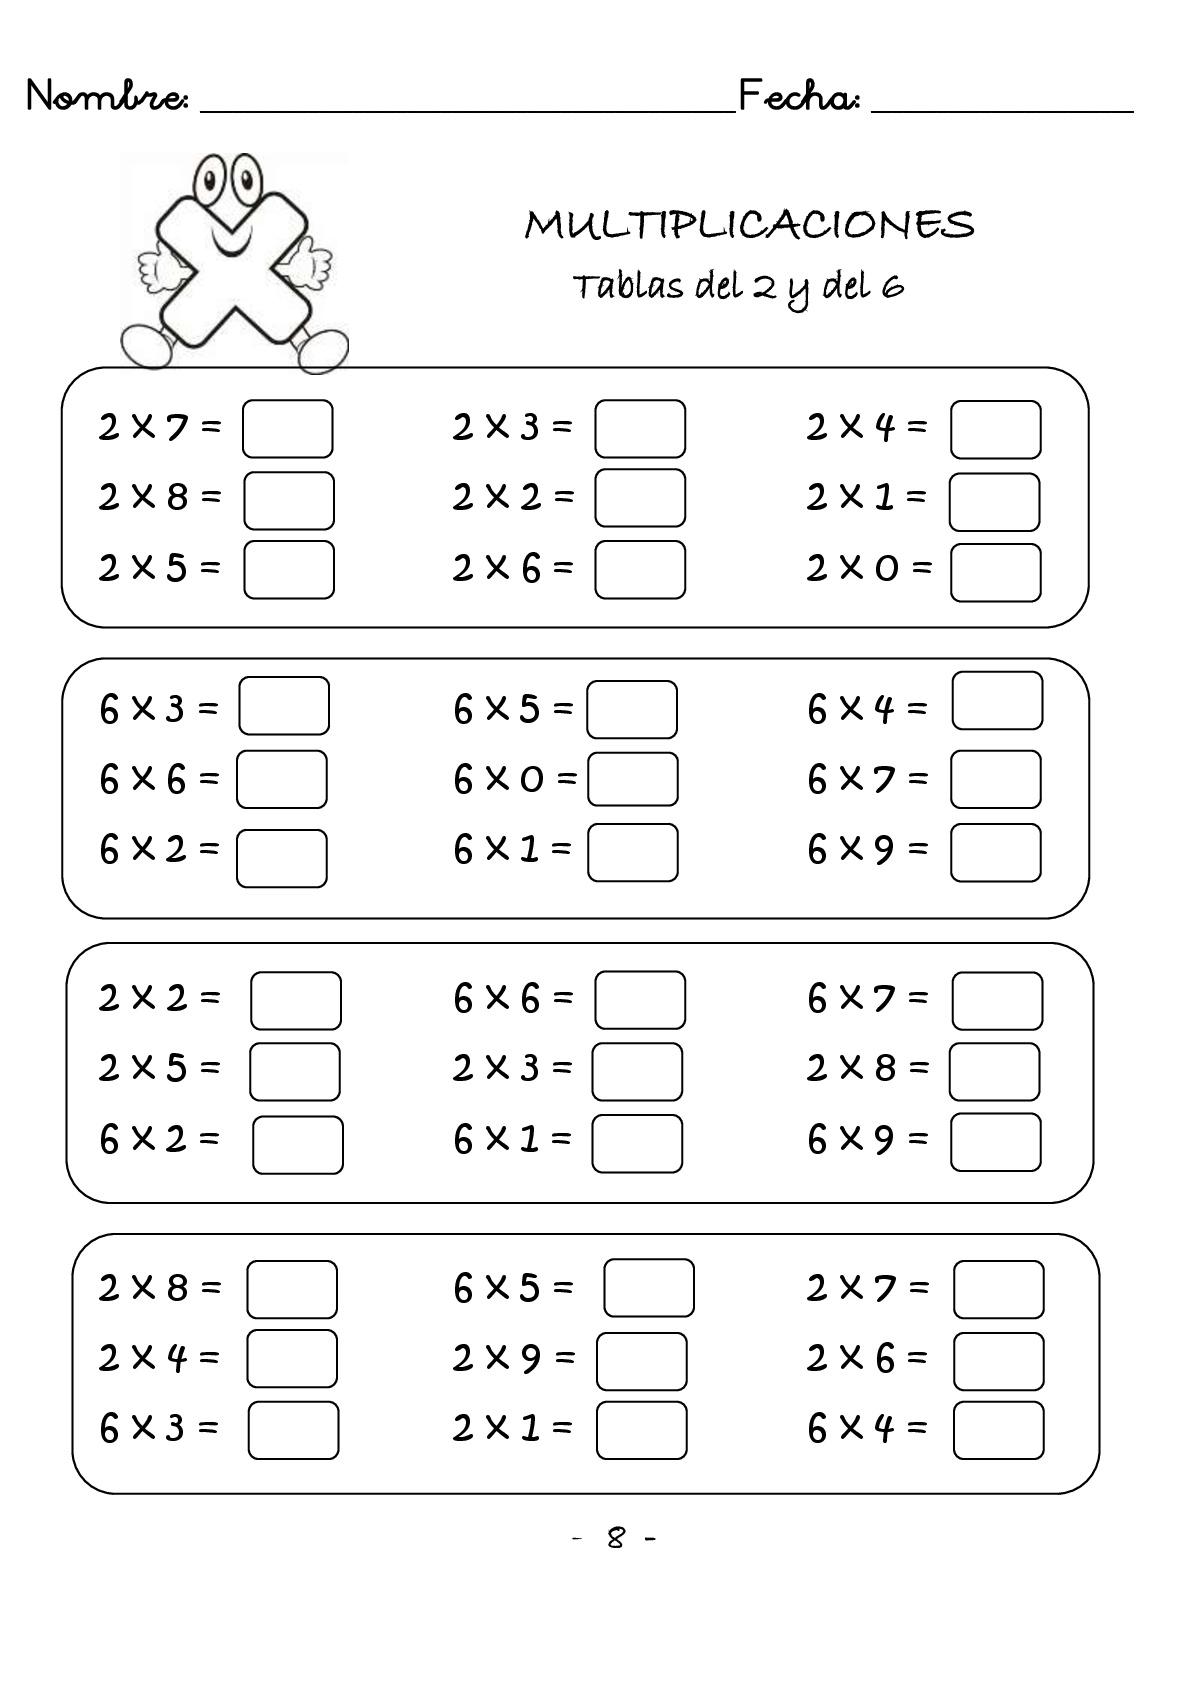 multiplicaciones-rapidas-una-cifra-protegido-009